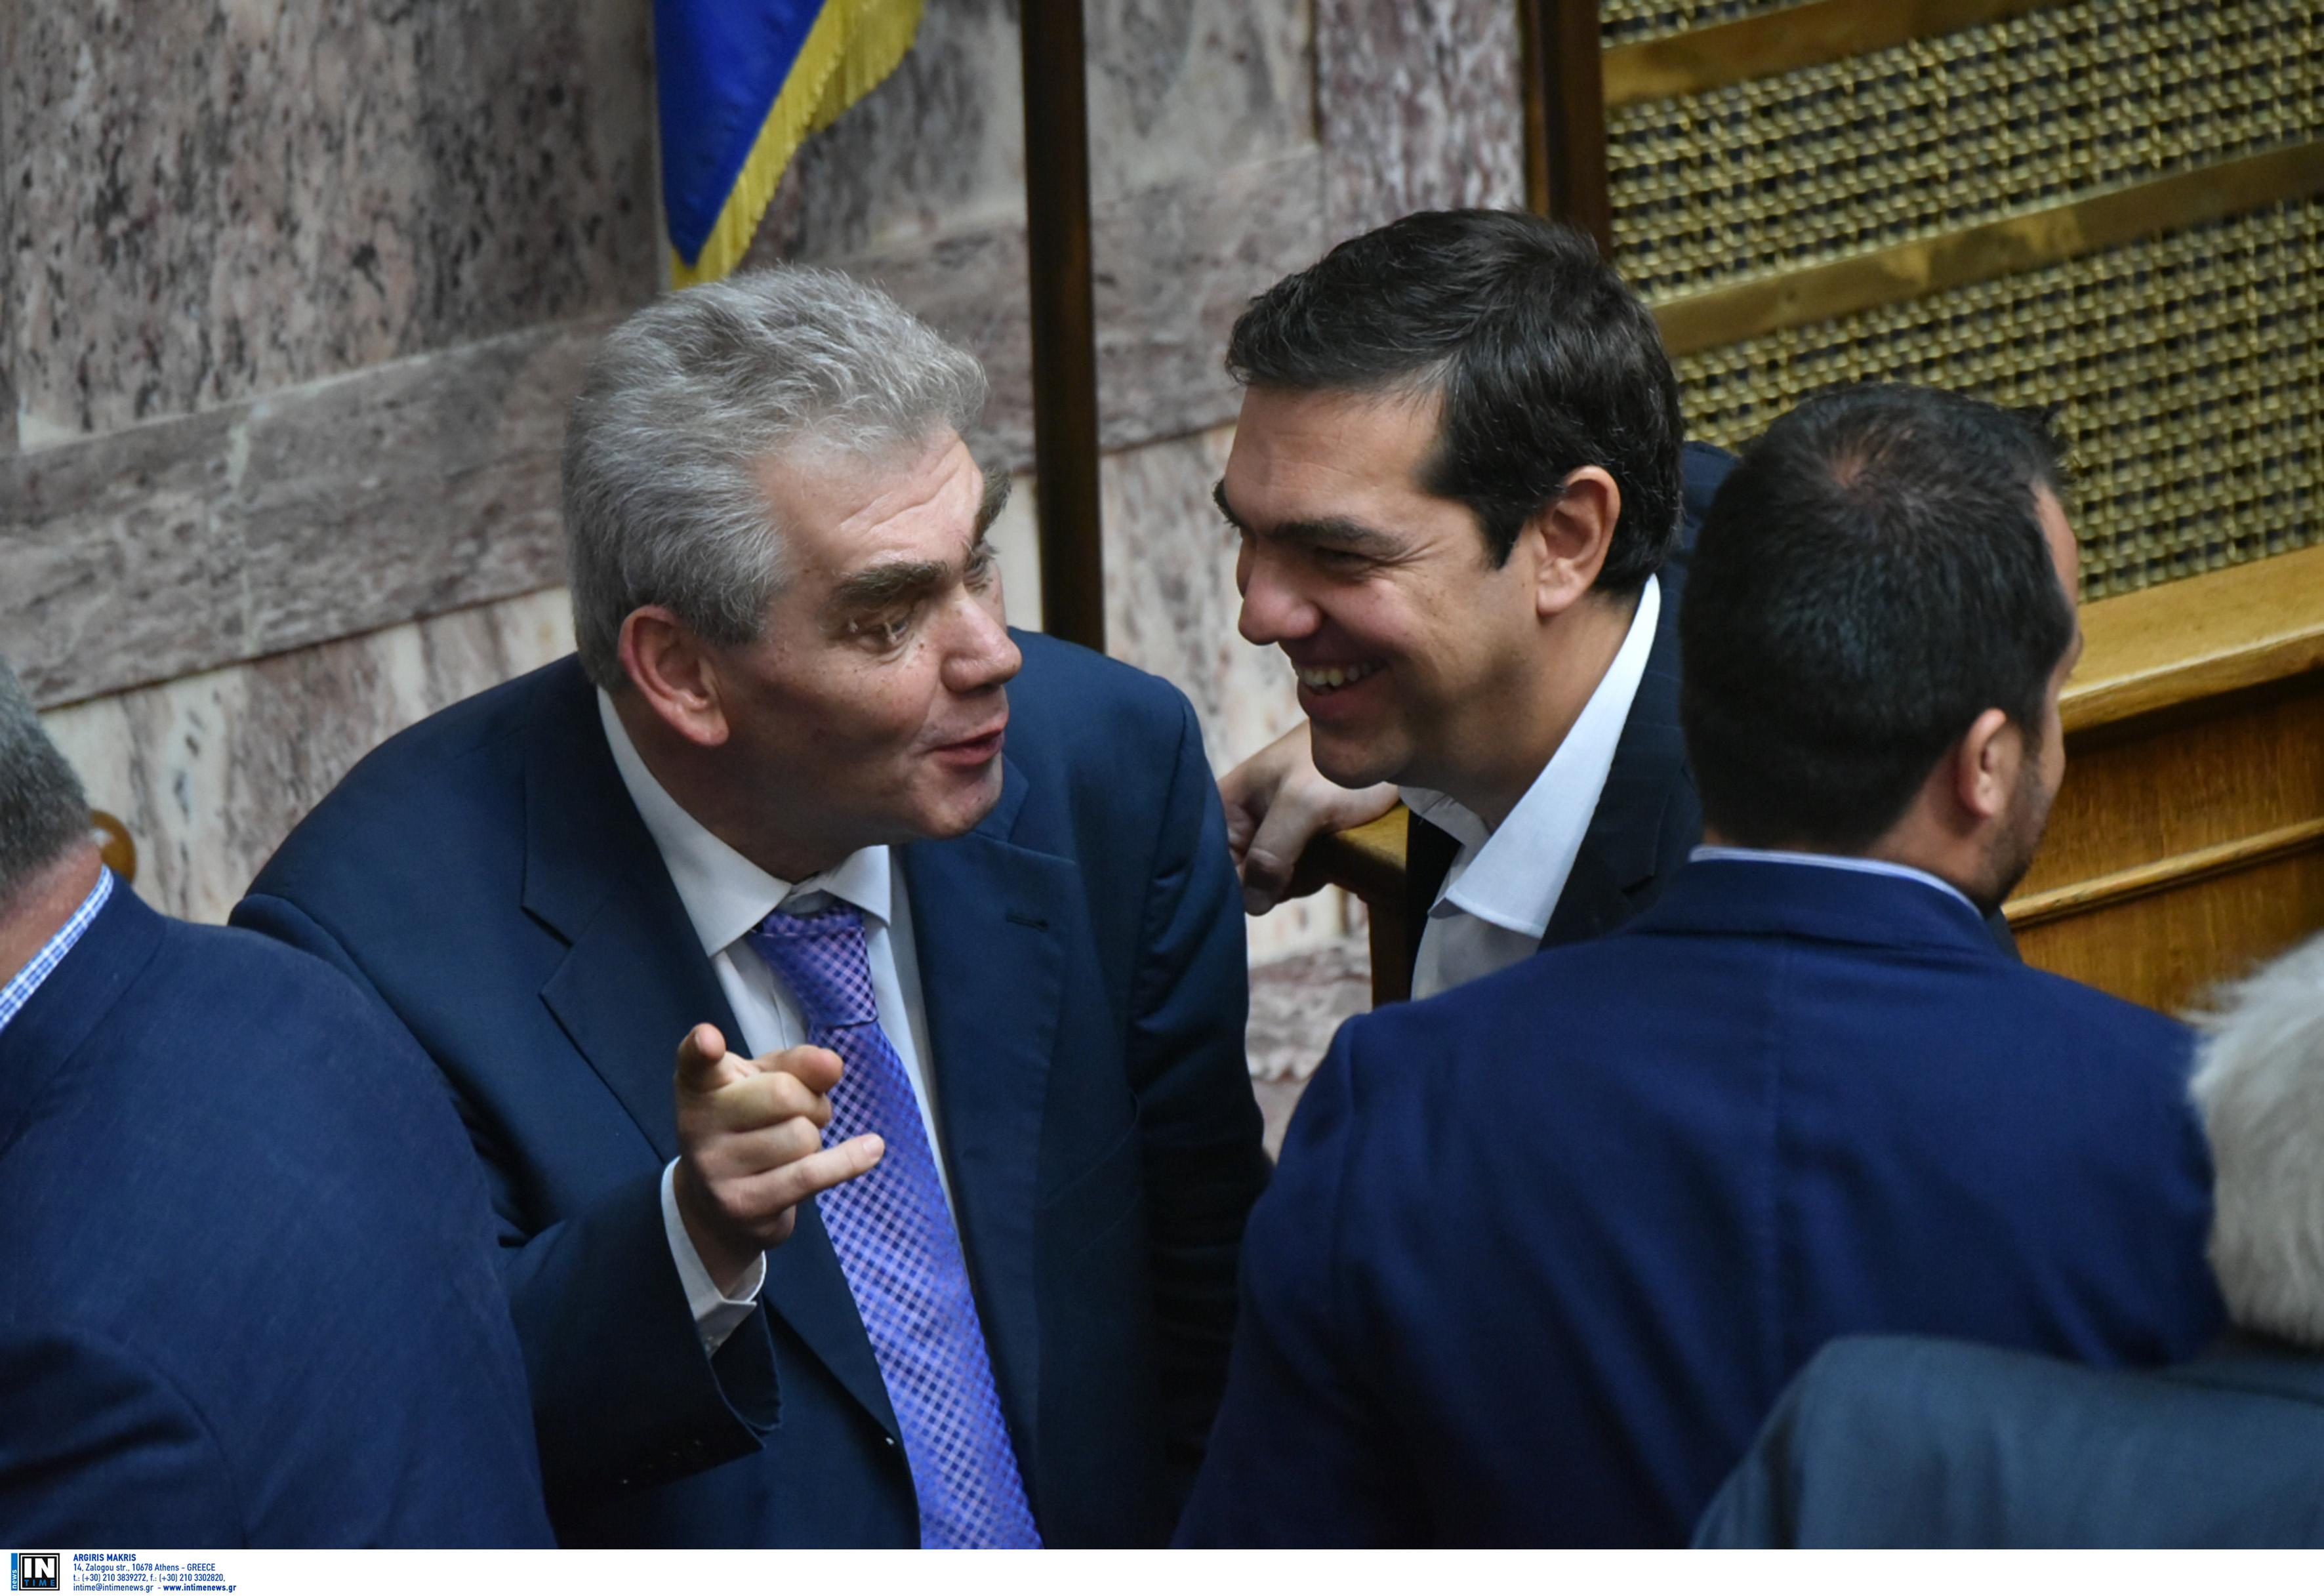 Προανακριτική για Παπαγγελόπουλο θα ζητήσει η ΝΔ – Εκτός κάδρου ευθυνών ο Τσίπρας